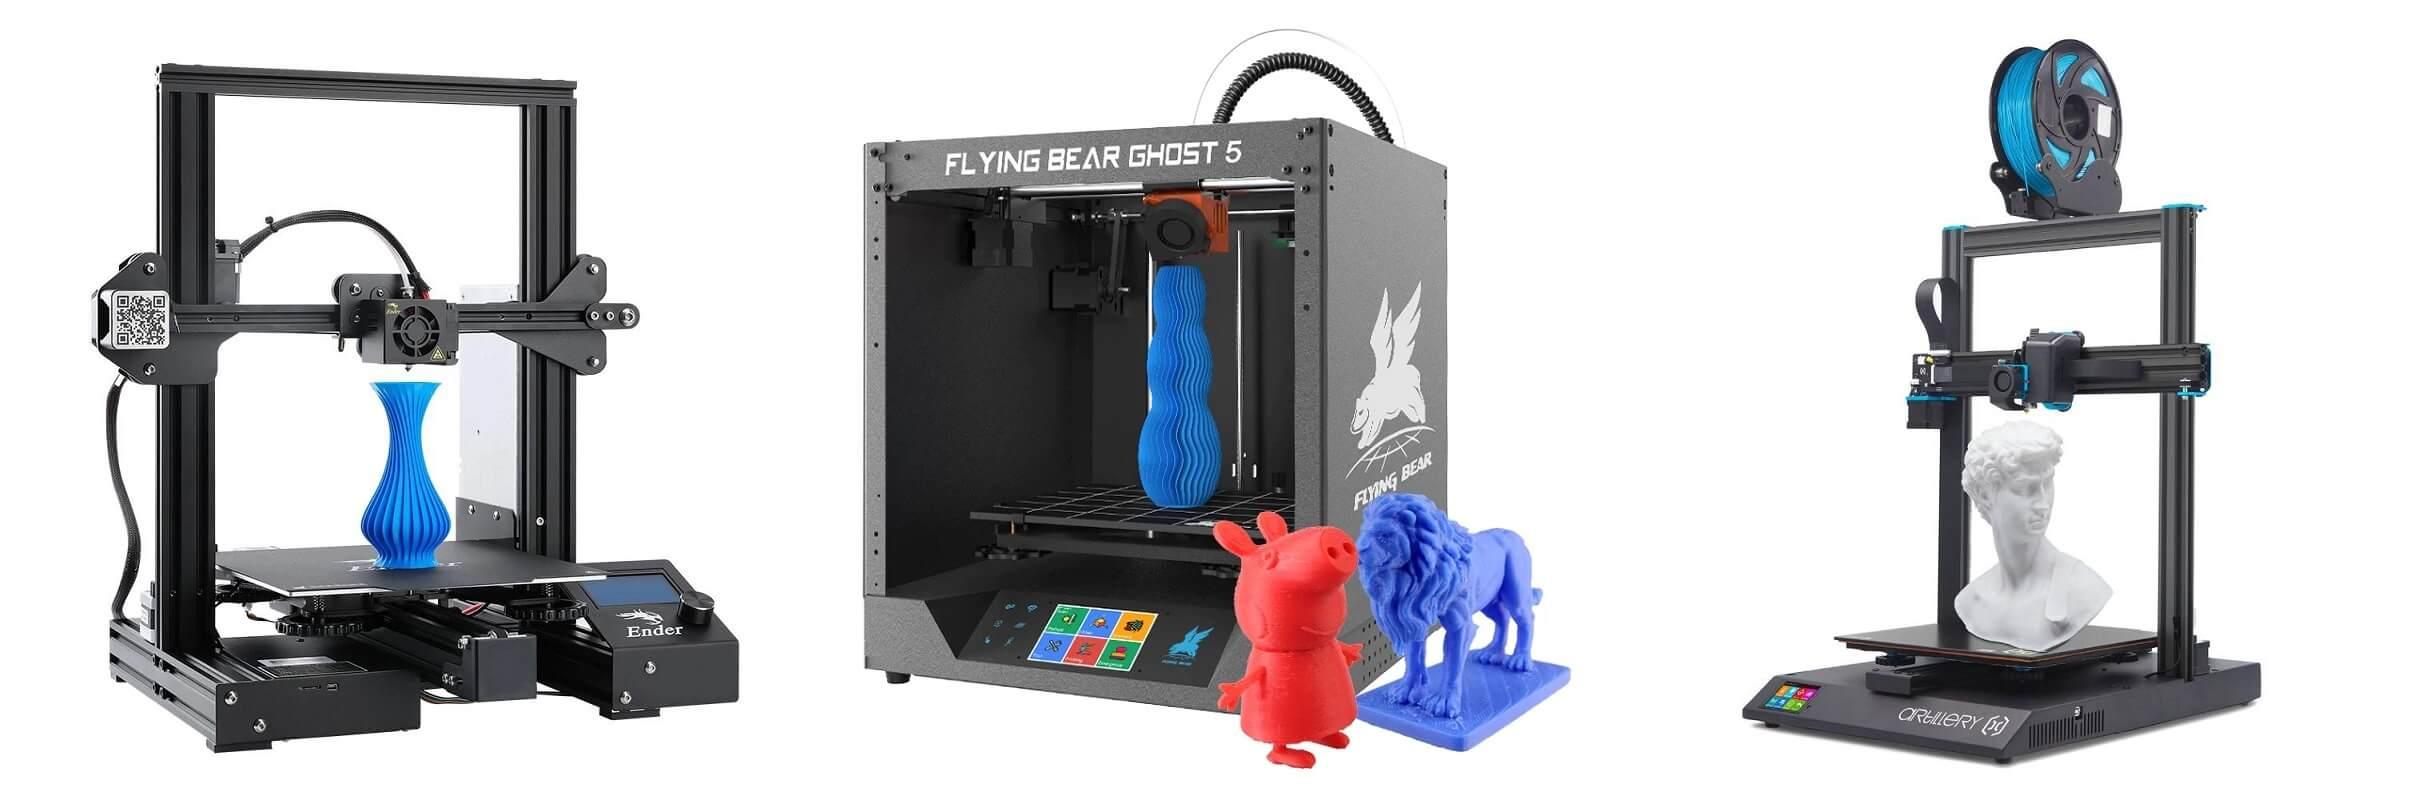 ТОП-10 3D-принтеров с Алиэкспресс